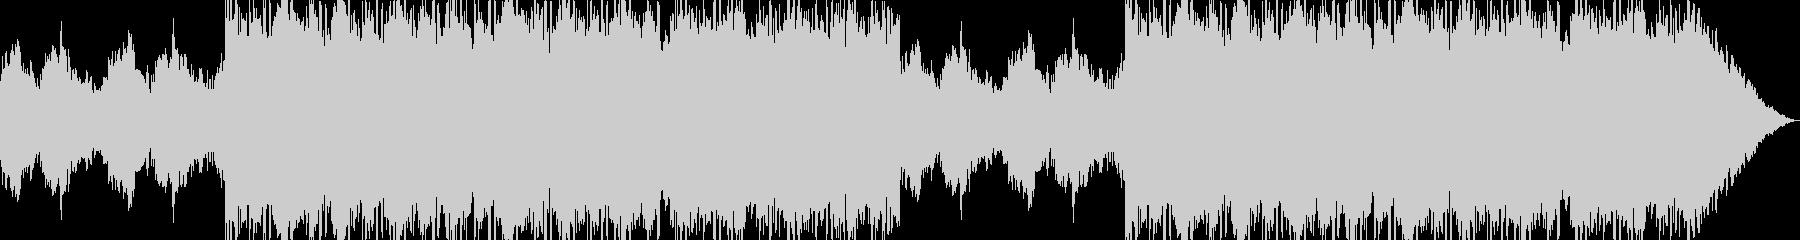 クール・ピアノ・HIP HOPの未再生の波形